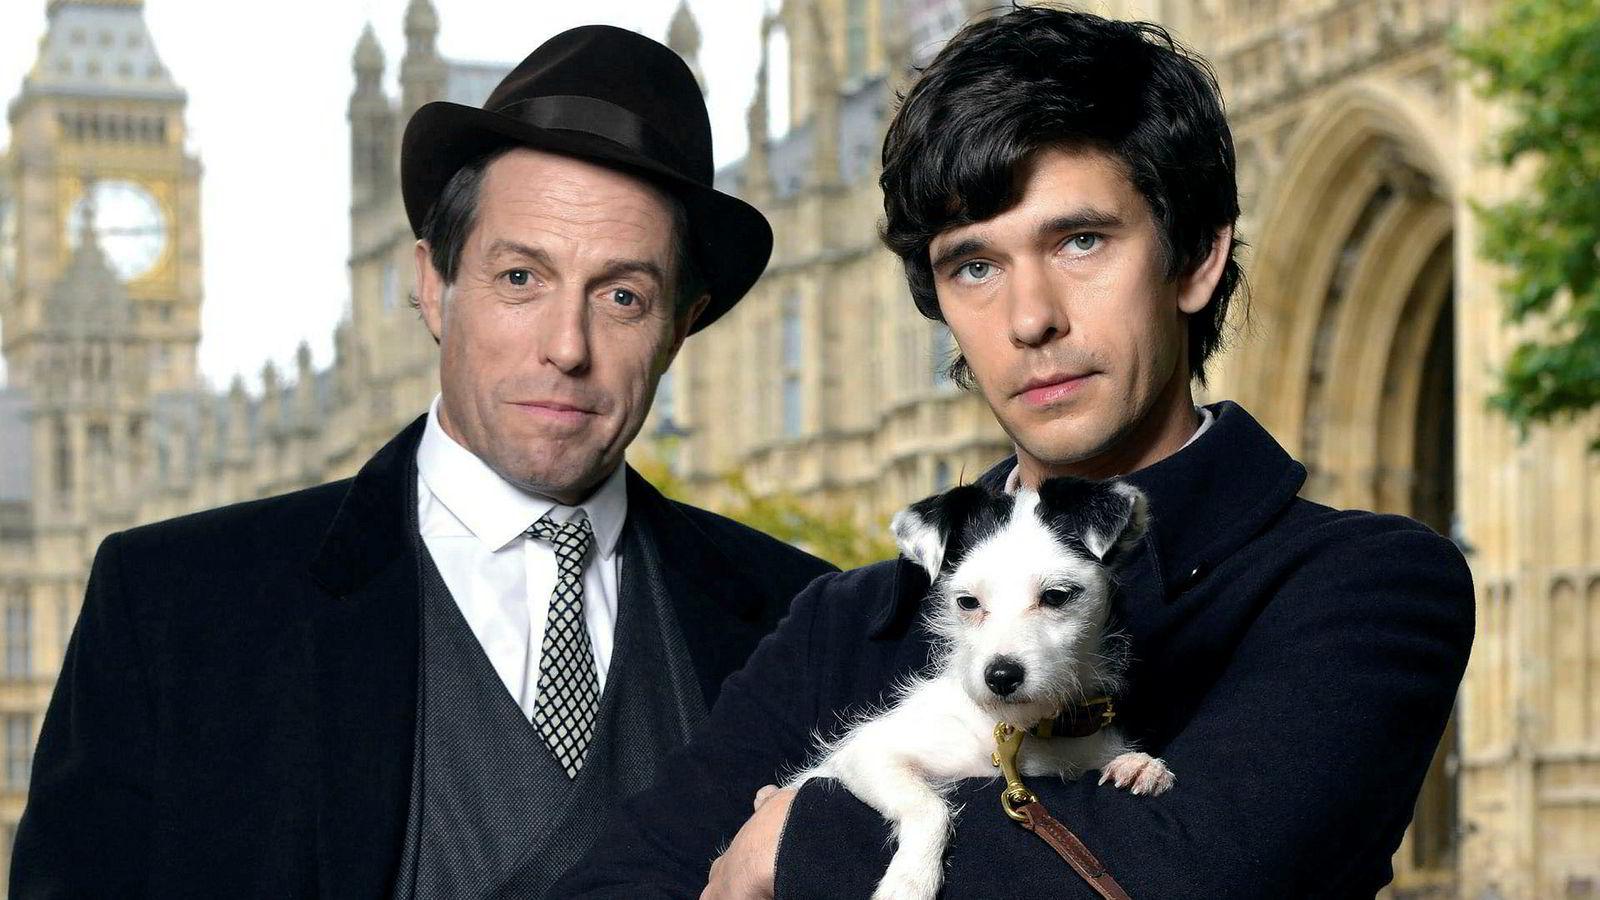 Hugh Grant (til venstre) har rollen som Jeremy Thorpe og Ben Whishaw spiller Norman Scott. Det er brutalt moro når «Ein engelsk skandale» ruller opp en av britisk politikks pikante affærer.